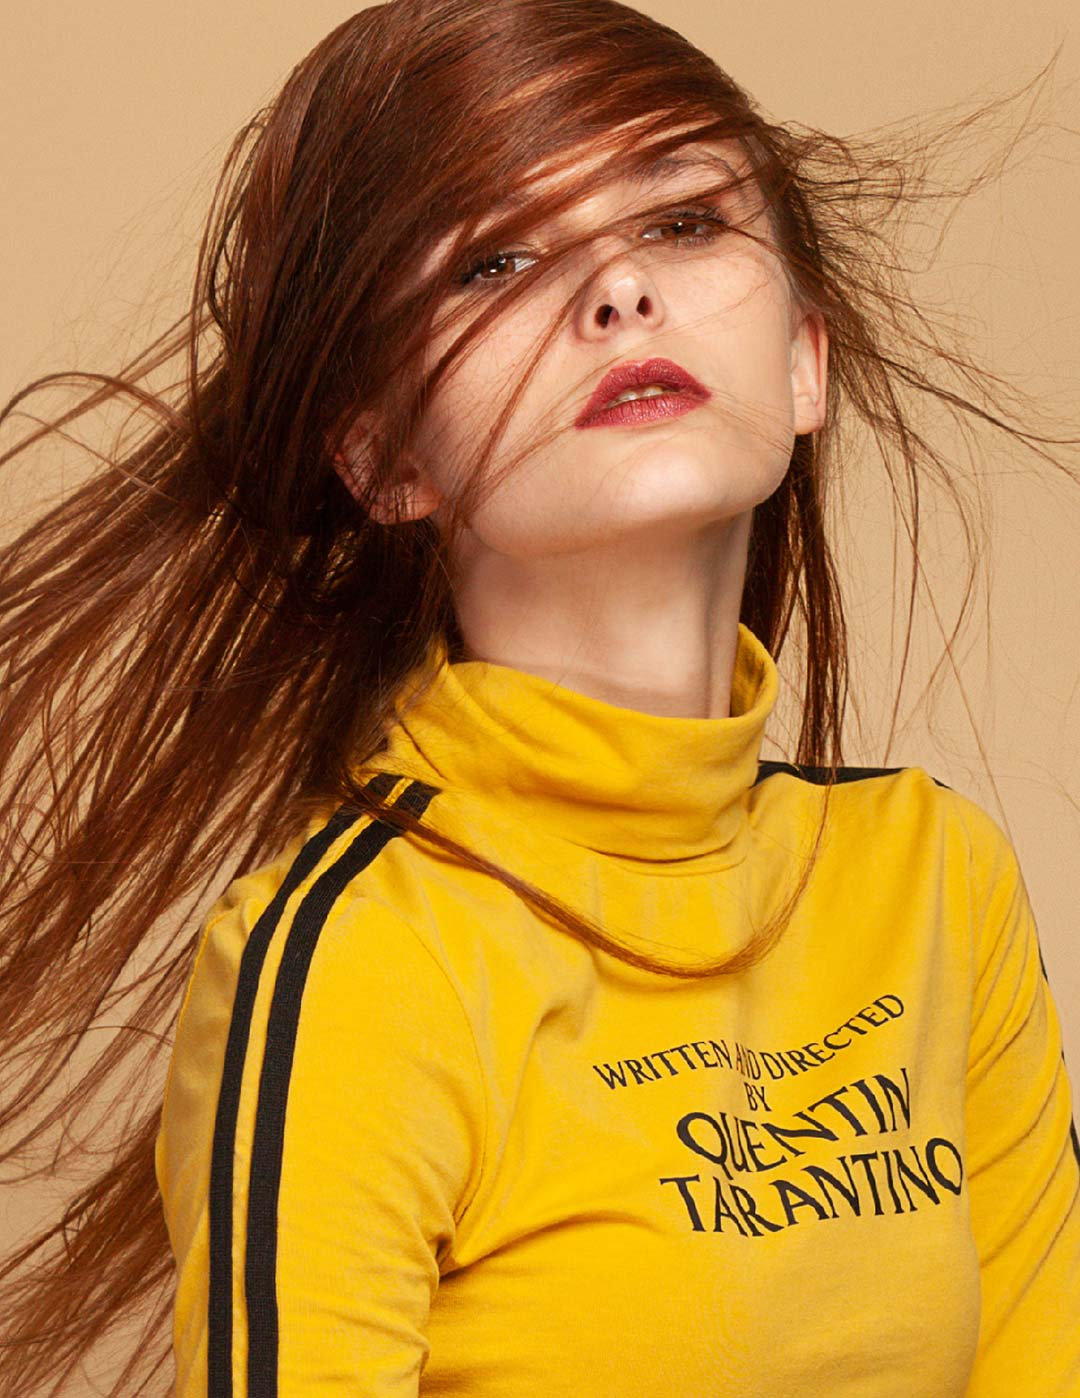 Jade Trisdale eye contact while flinging hair shot for Models & Images, Wichita Kansas